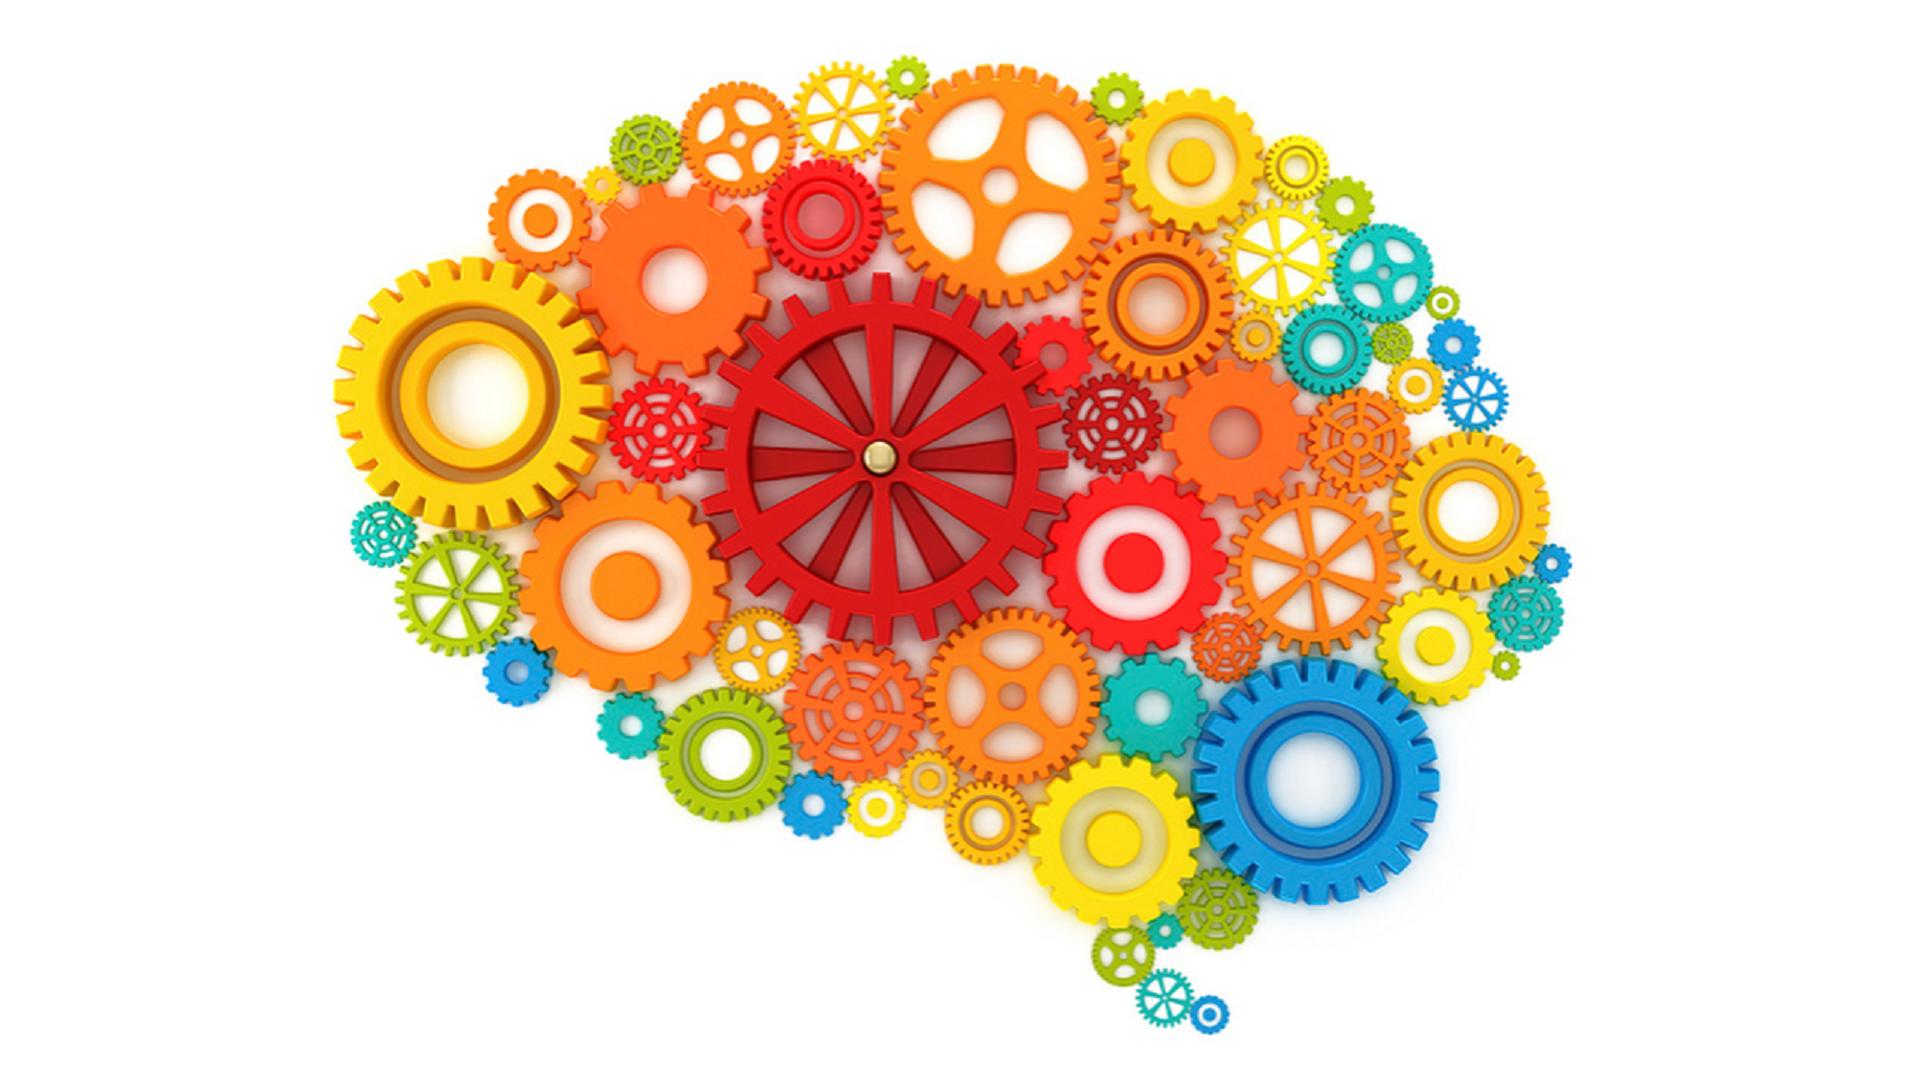 מוח גלגלים 1920 על 1080